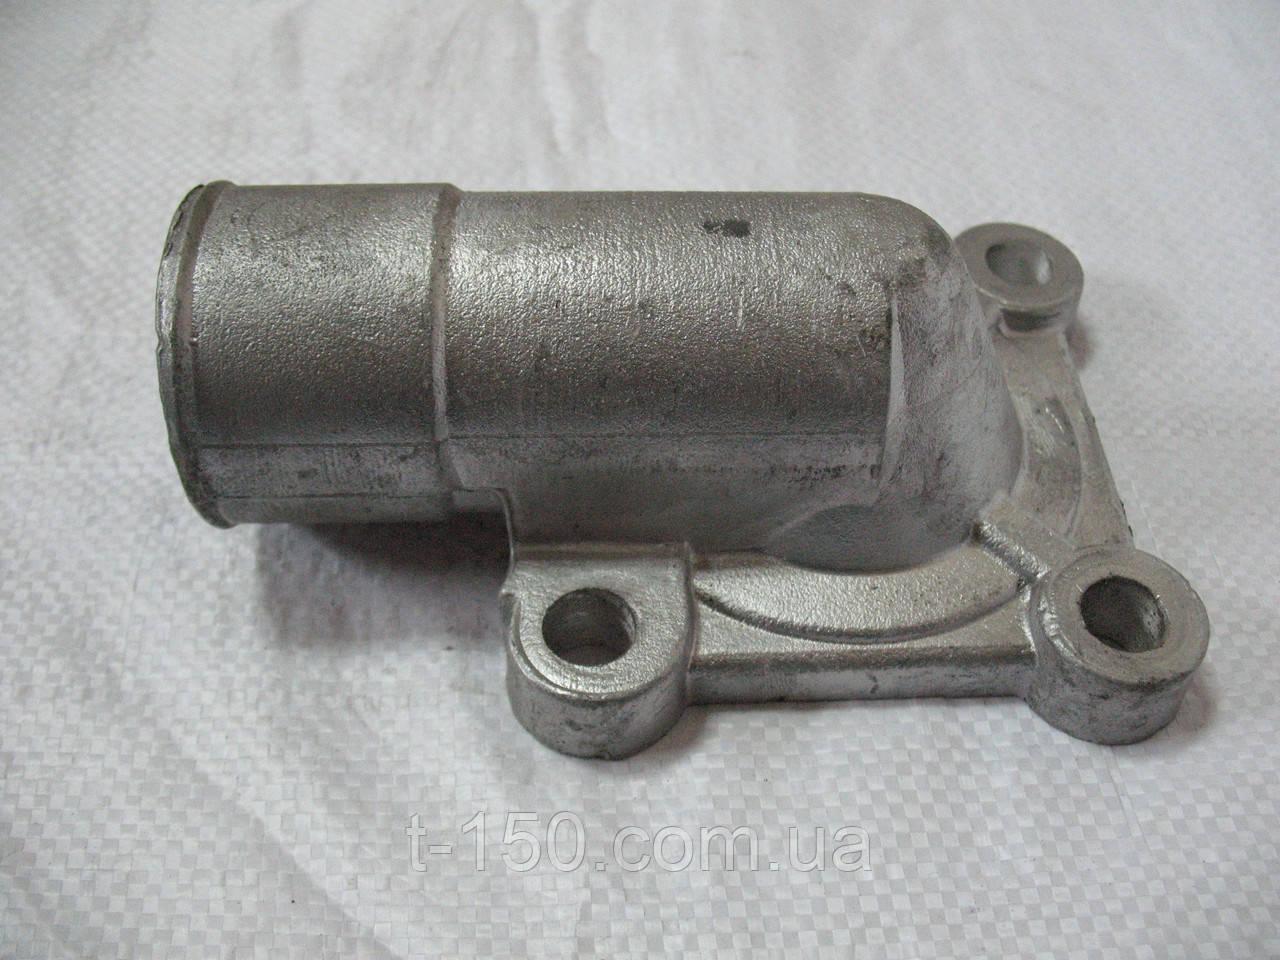 Муфта угловая НШ-100 под рукав (вход.)